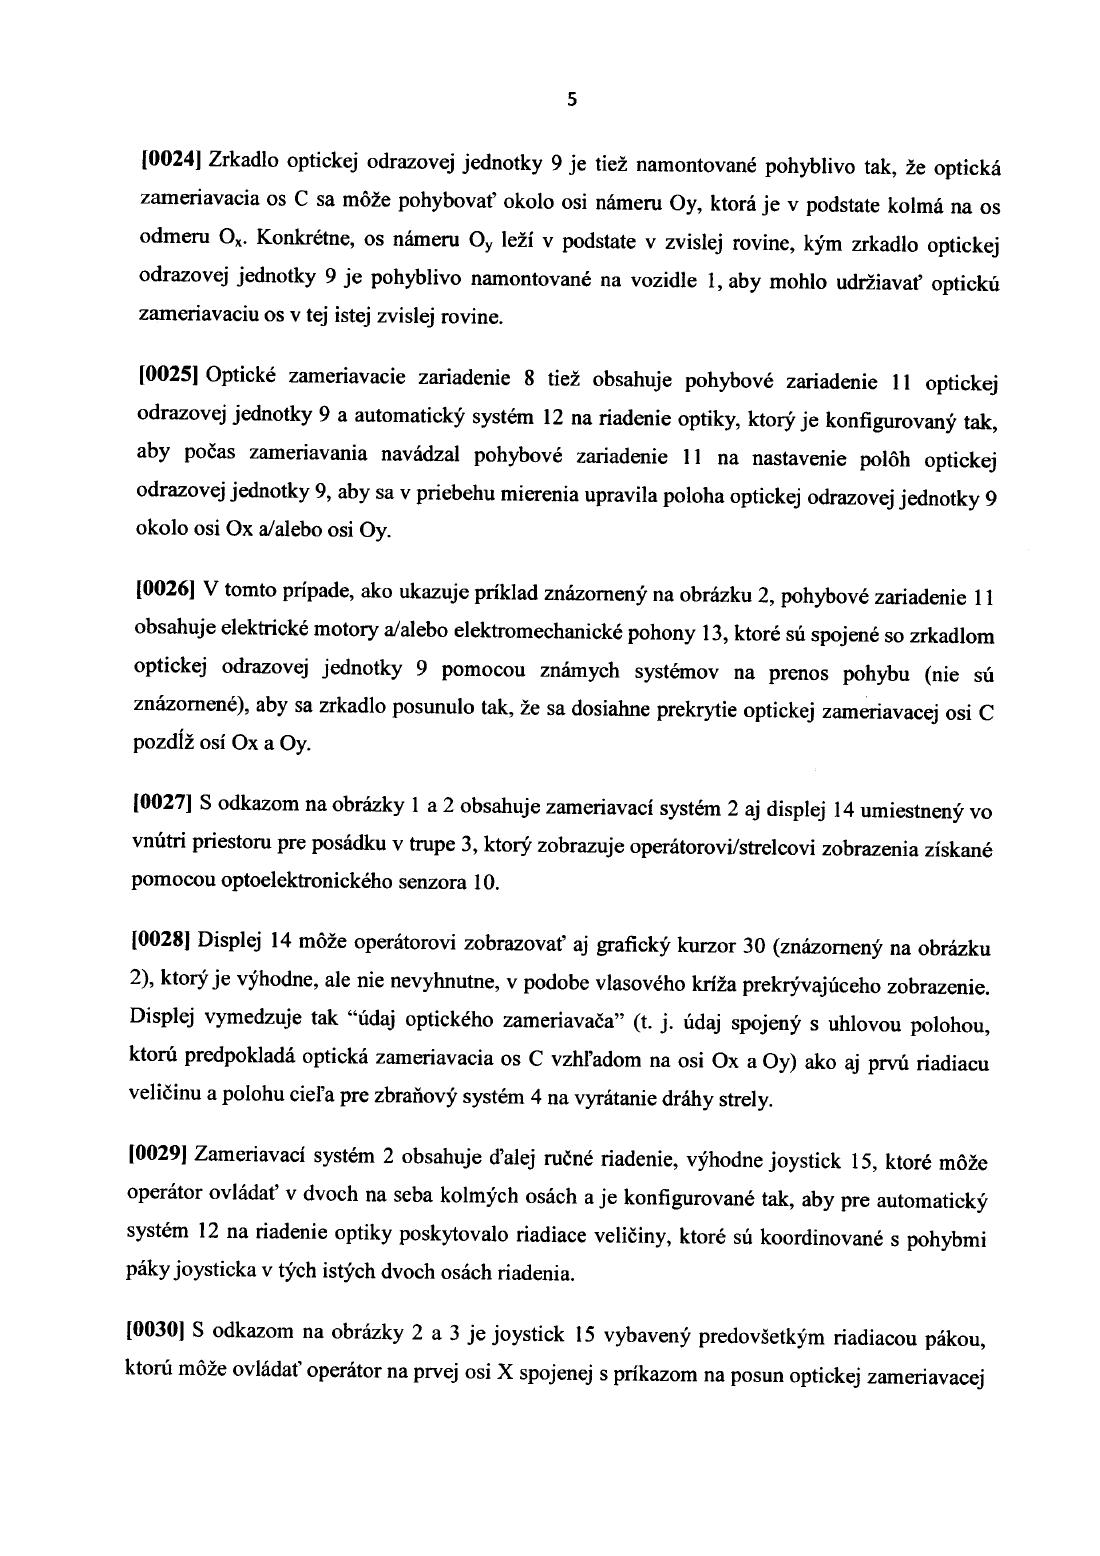 2f48c8944 Systém na zameranie cieľa — 14.06.2010 — E 11943 — Databáza patentov ...